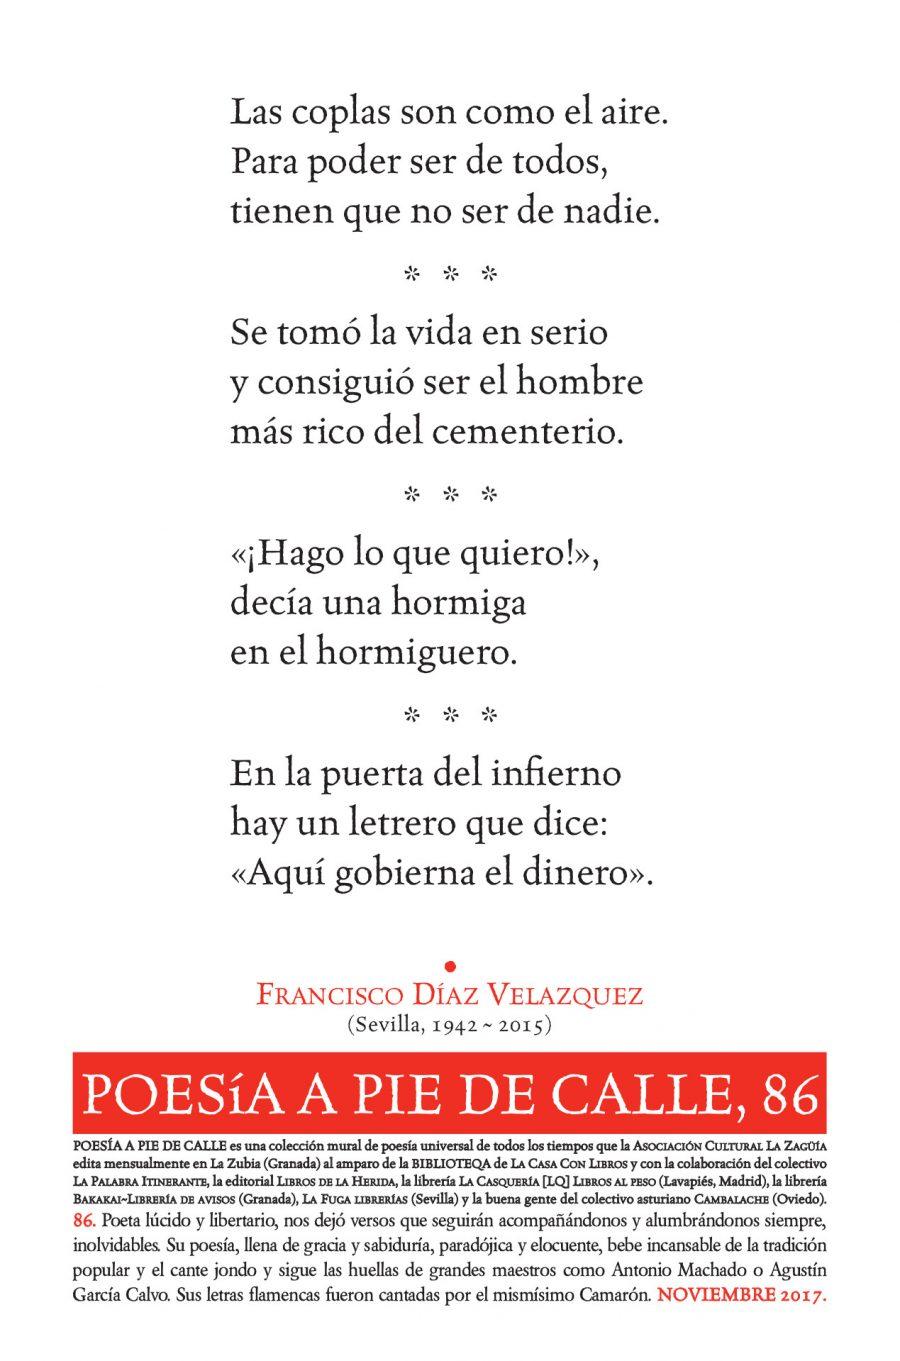 POESÍA A PIE DE CALLE, 86: CUATRO COPLAS DE FRANCISCO DÍAZ VELÁZQUEZ